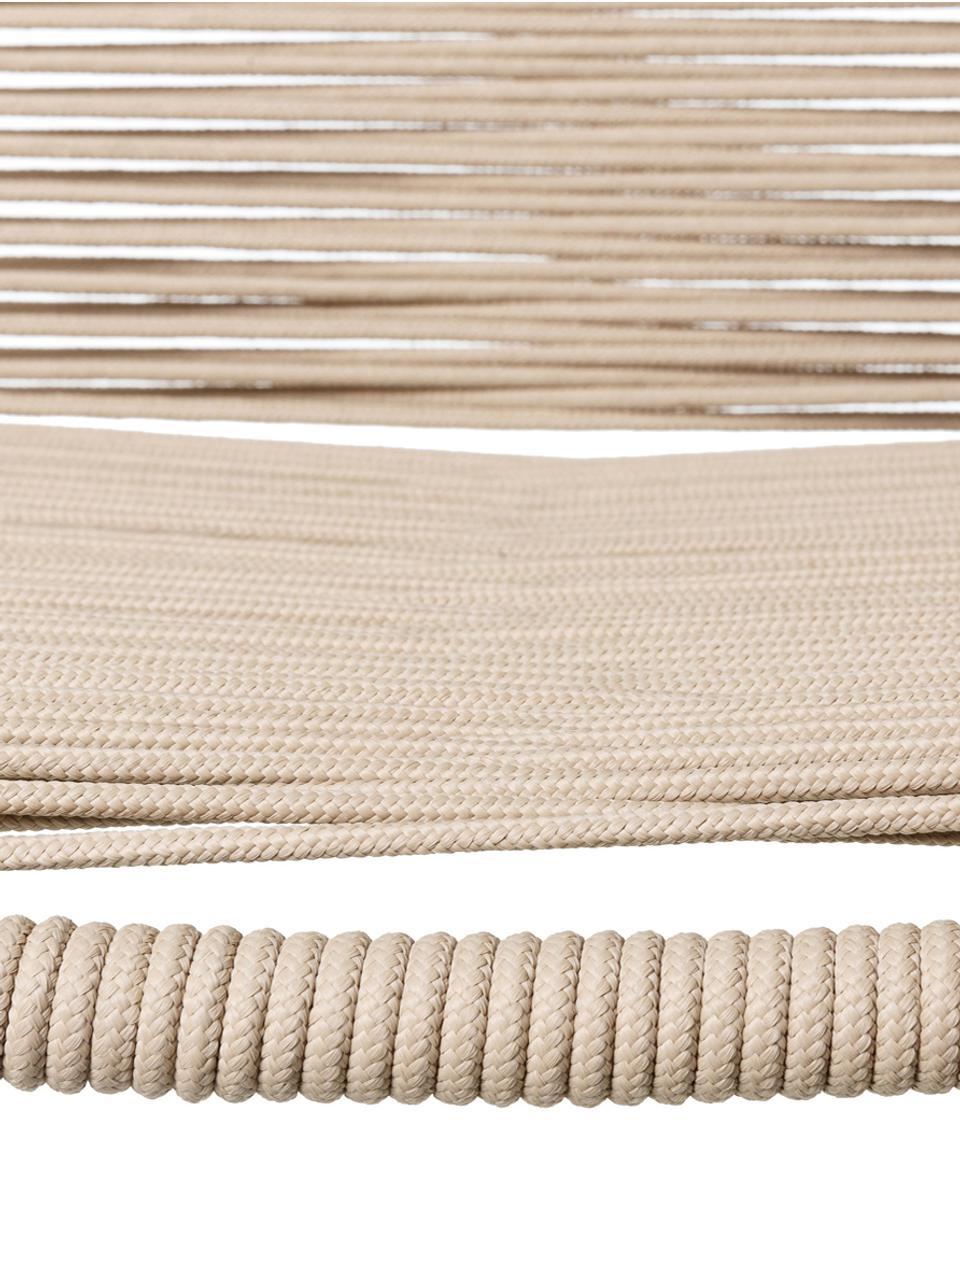 Tuinstoelen Suture, 2 stuks, Poten: gelakt edelstaal, Beige, B 53 x D 53 cm